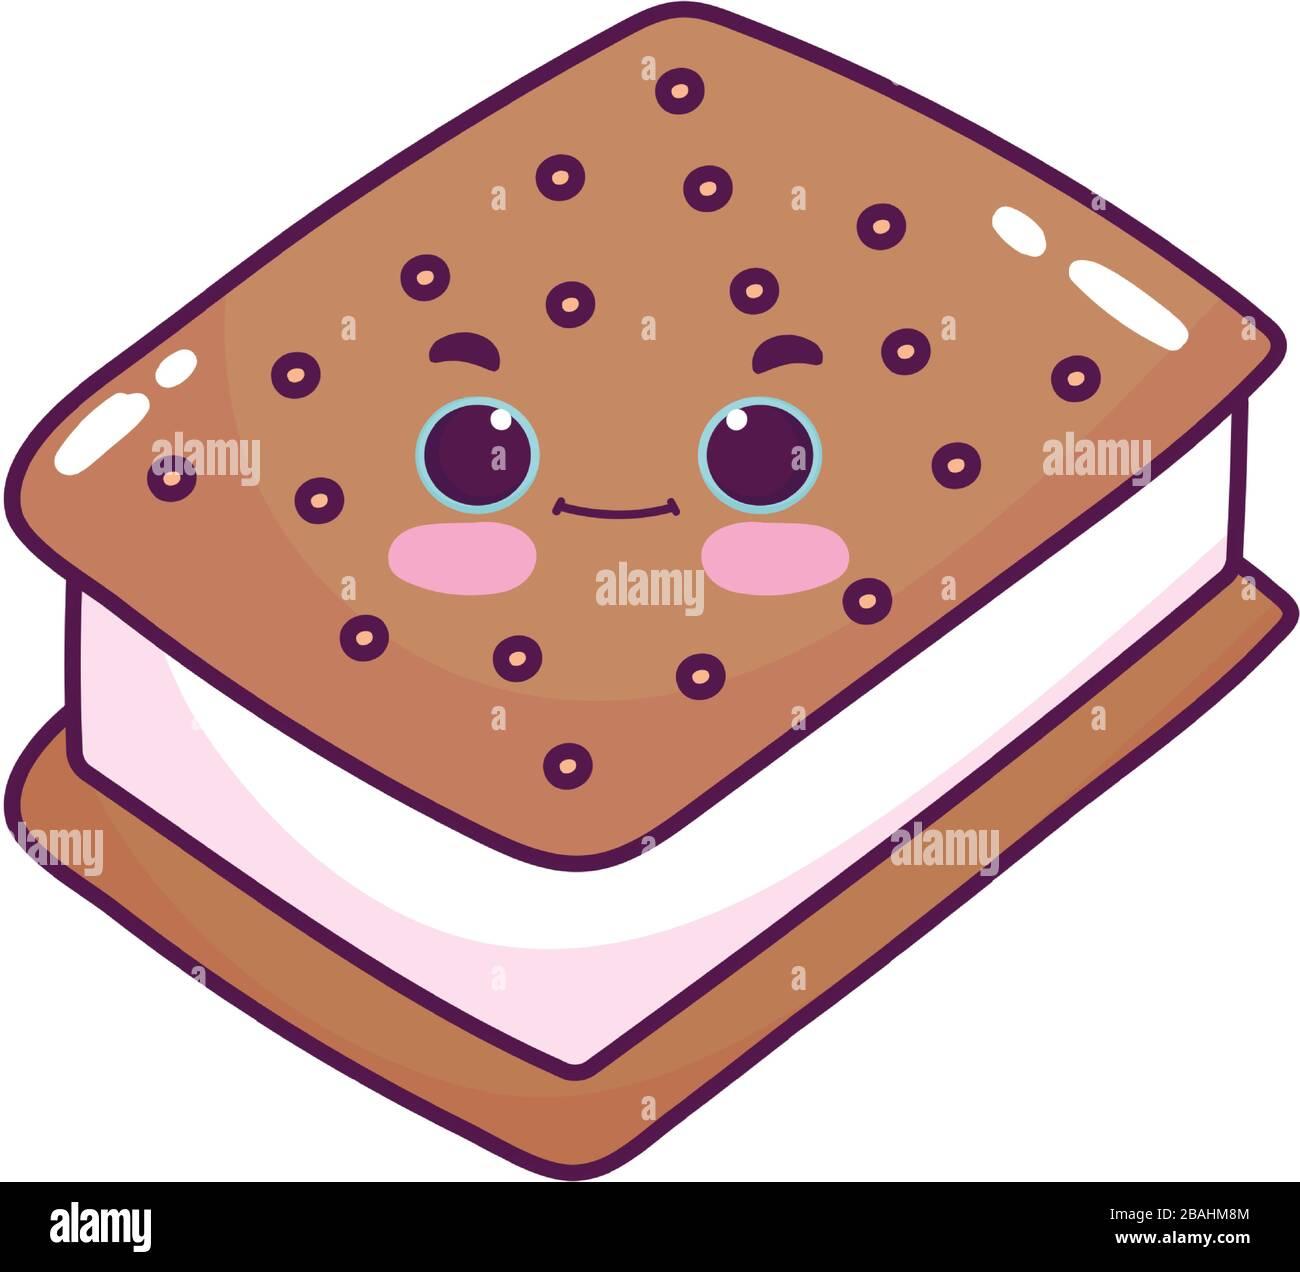 Mignonne Nourriture Glace Cookie Dessert Sucre Kawaii Dessin Vectoriel Illustration Vectorielle Isole Image Vectorielle Stock Alamy